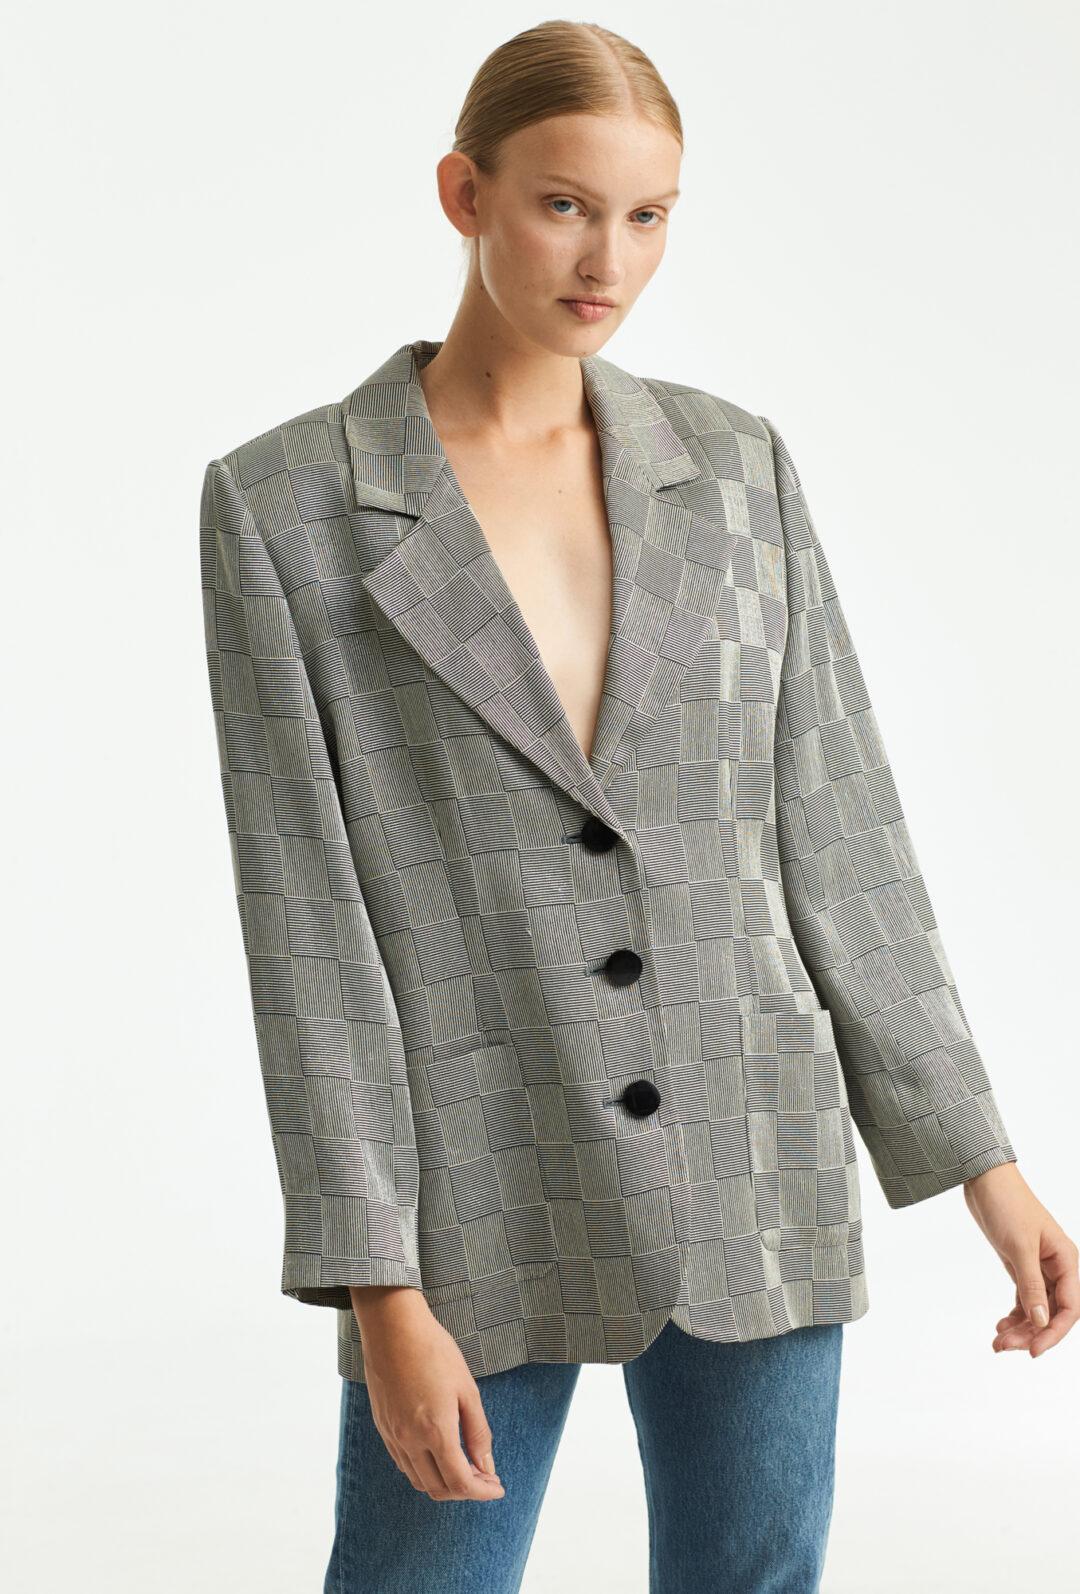 Vintage YSL Collect23 blazer